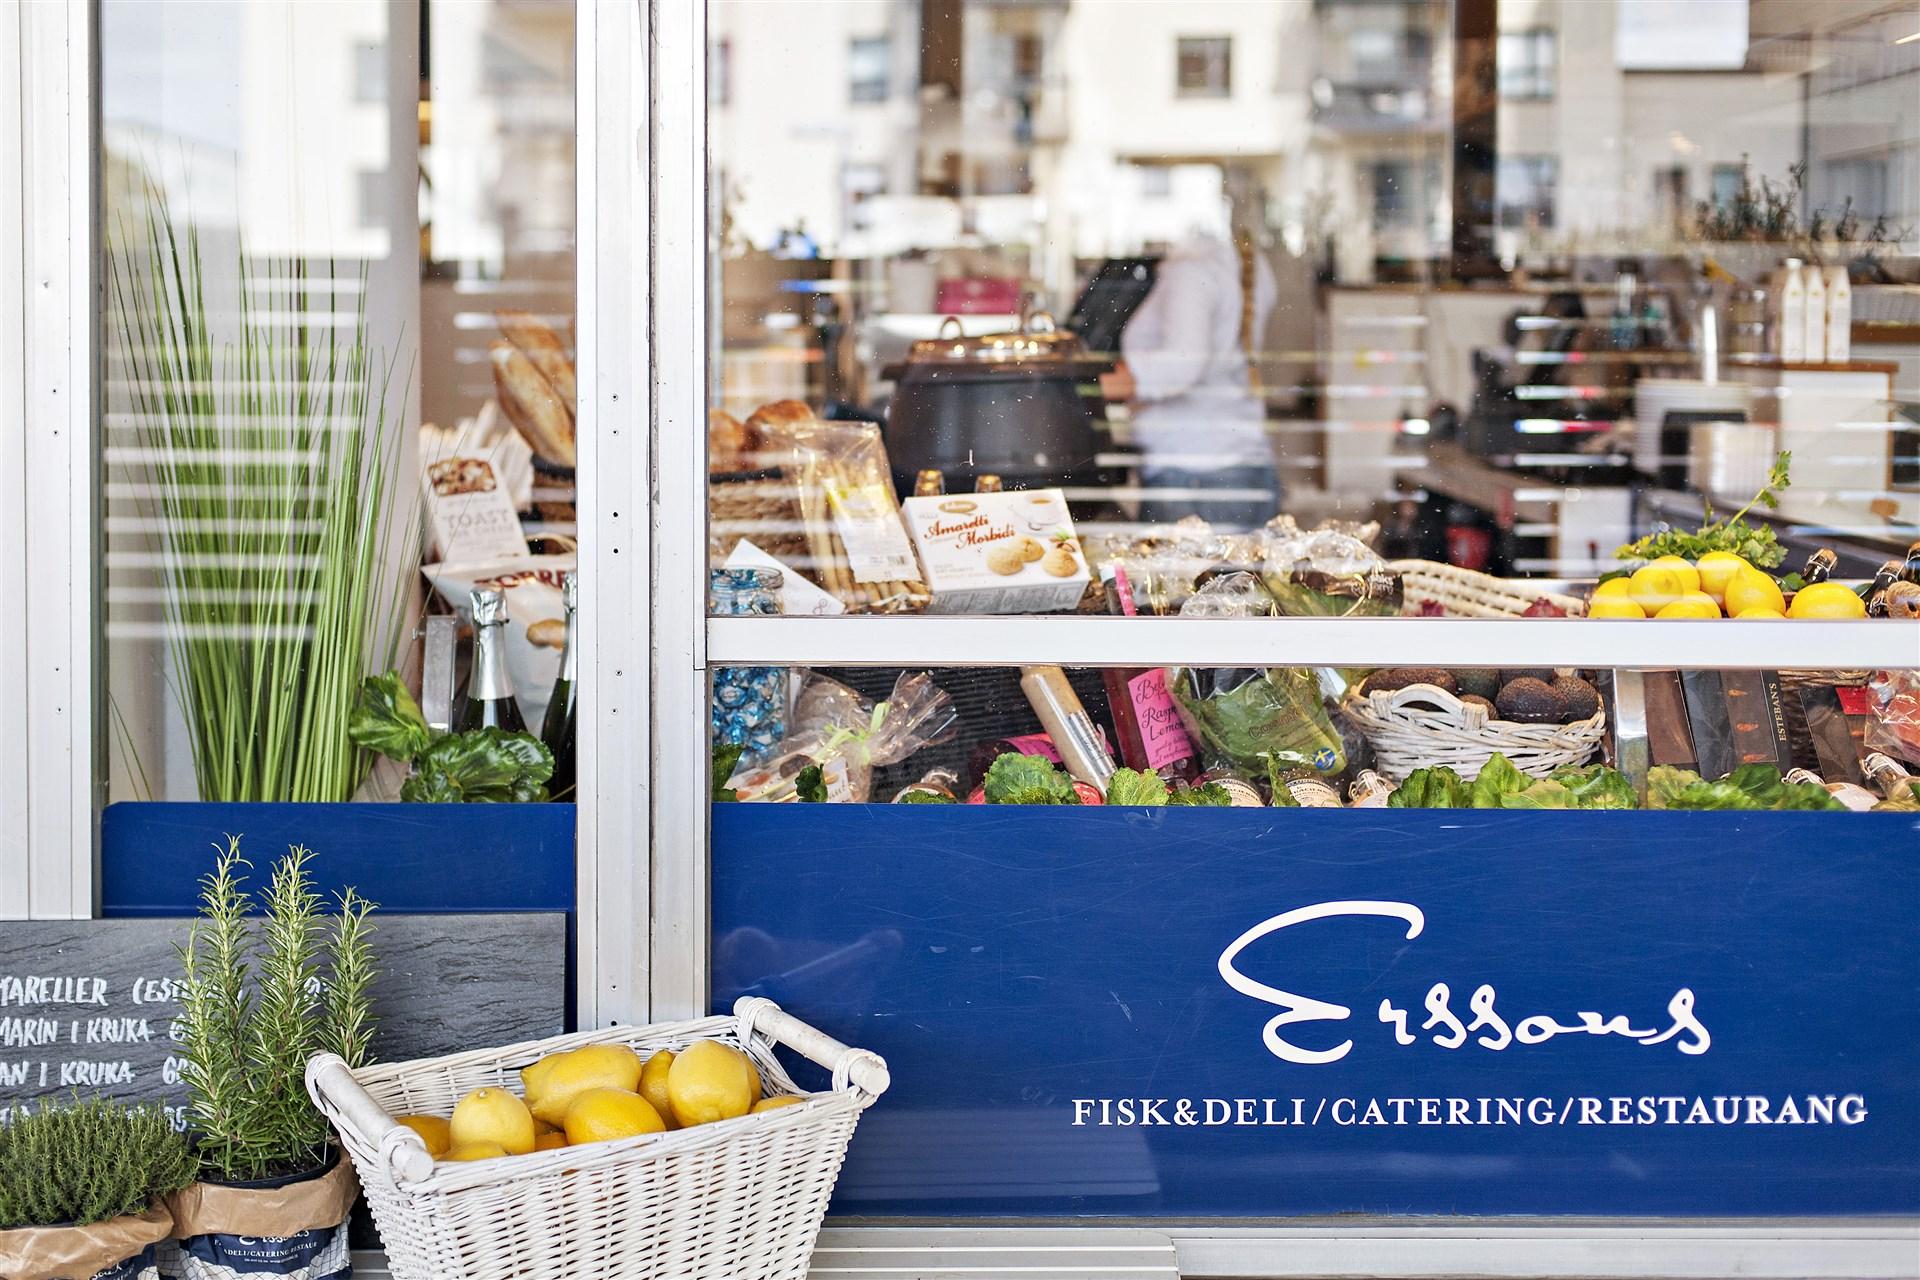 Erssons Fisk & Deli i Fruängens centrum - väl värt ett besök